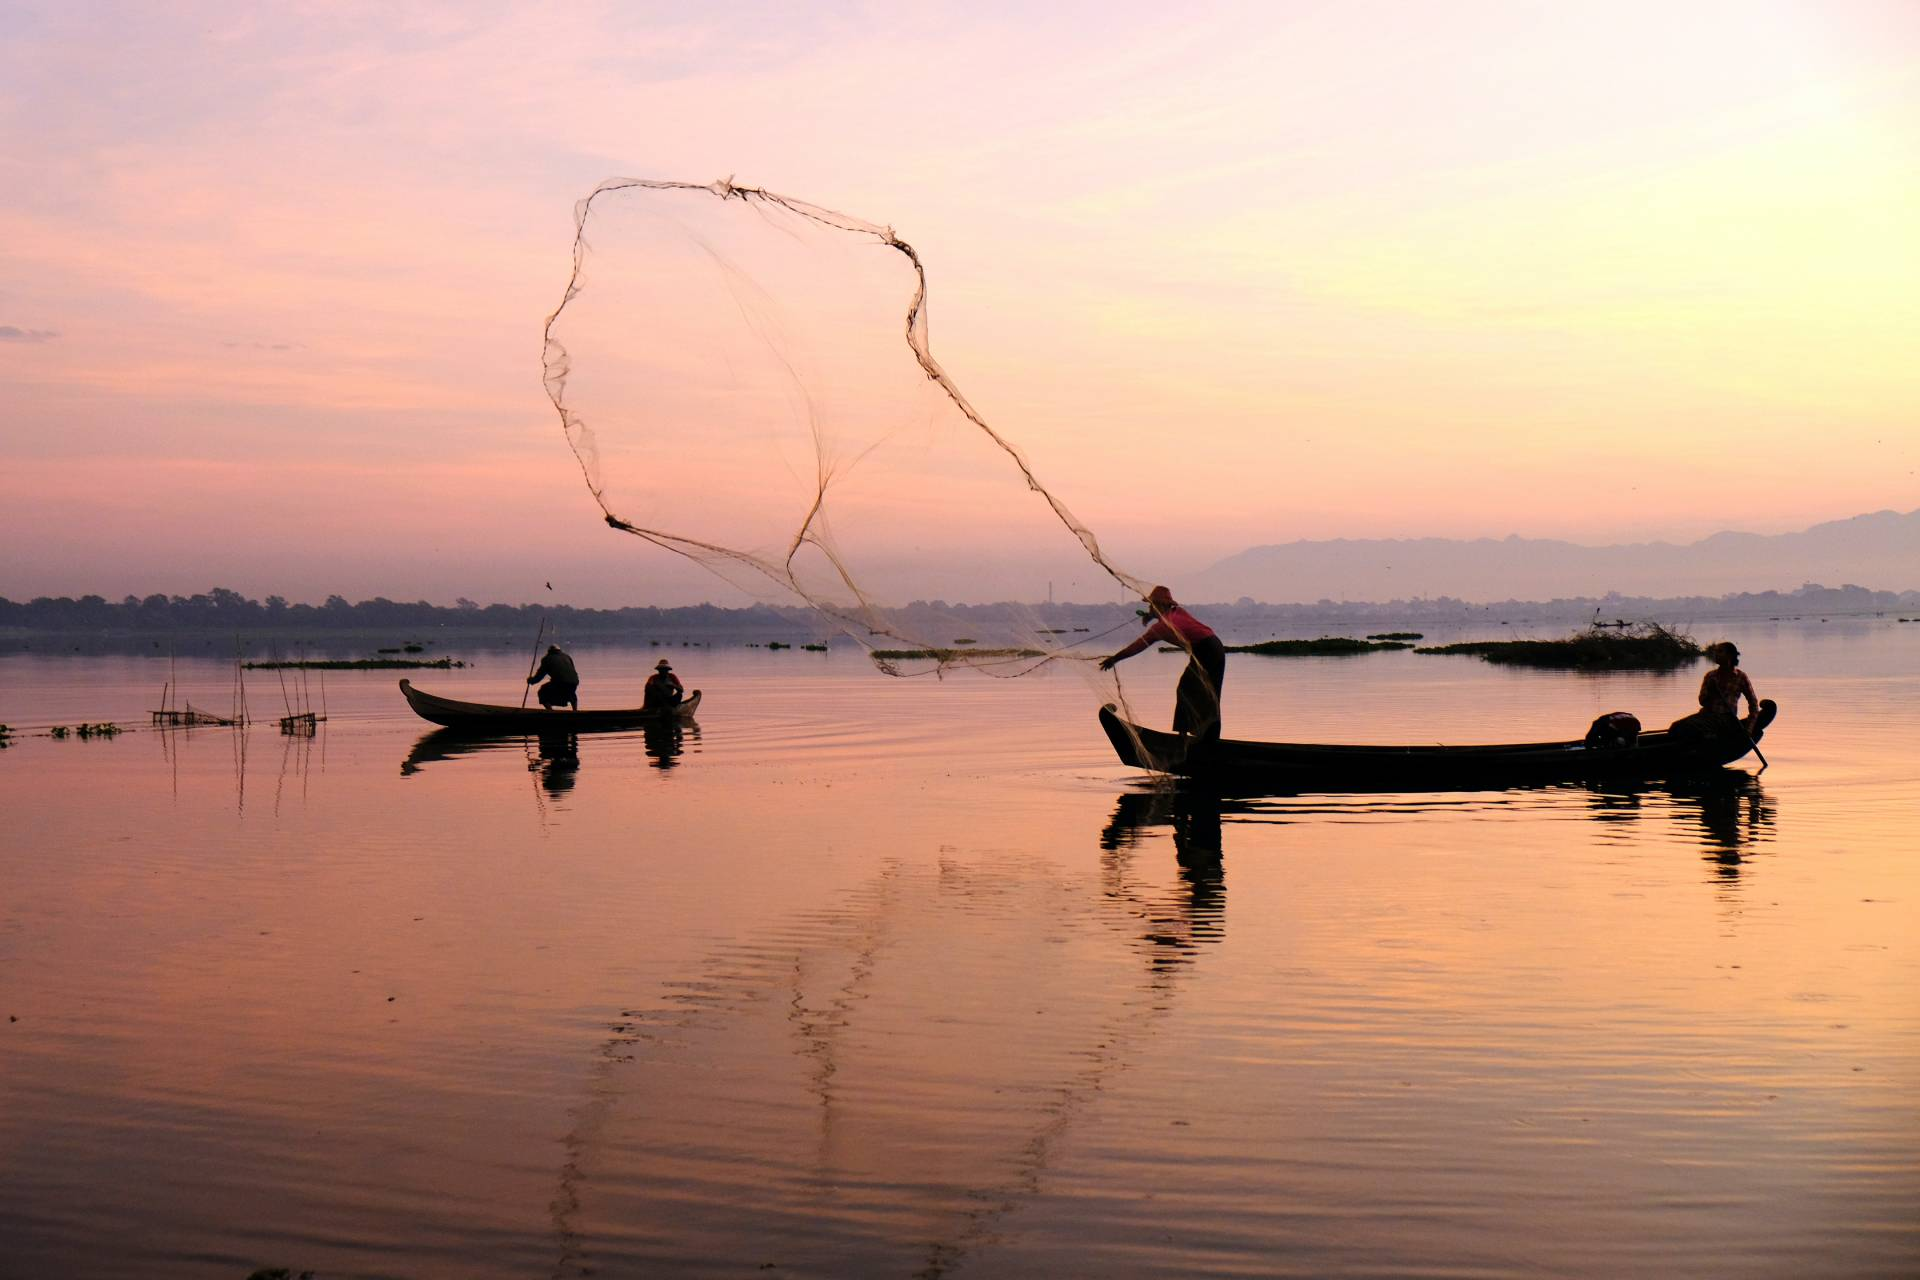 neveras de pesca